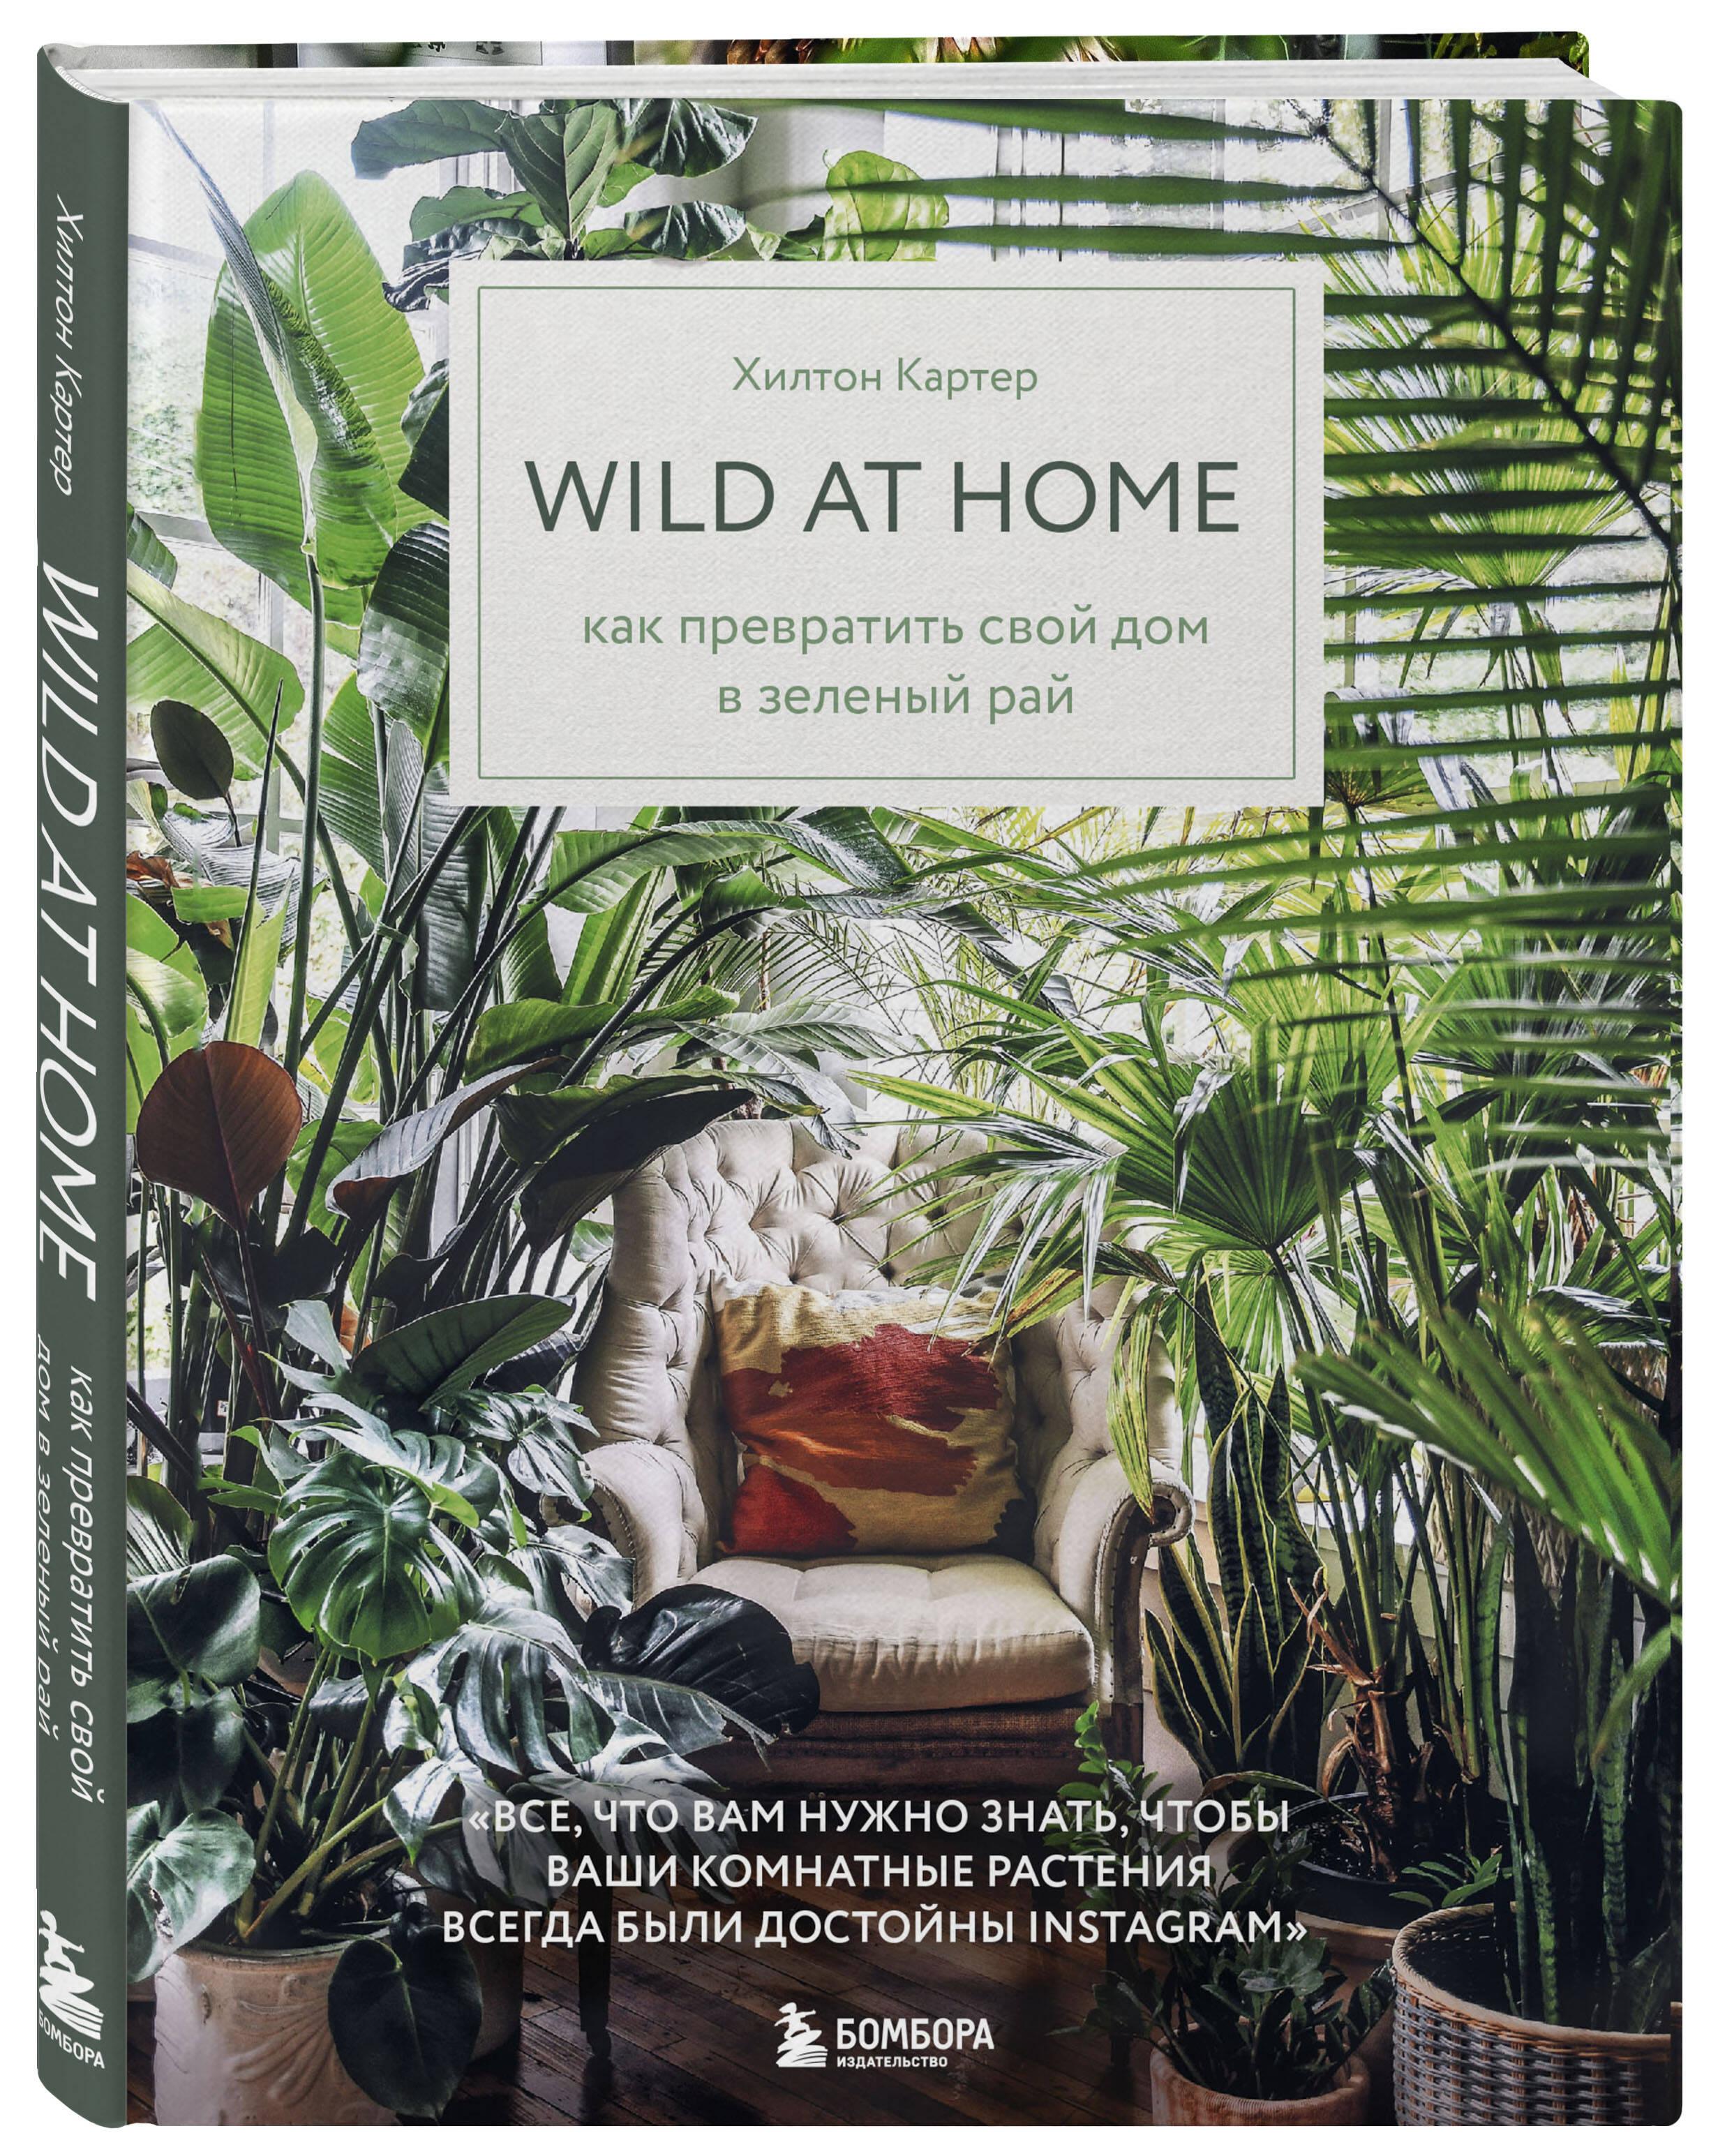 Хилтон Картер Wild at home. Как превратить свой дом в зеленый рай анисимова анастасия владимировна украшаем дом комнатными растениями